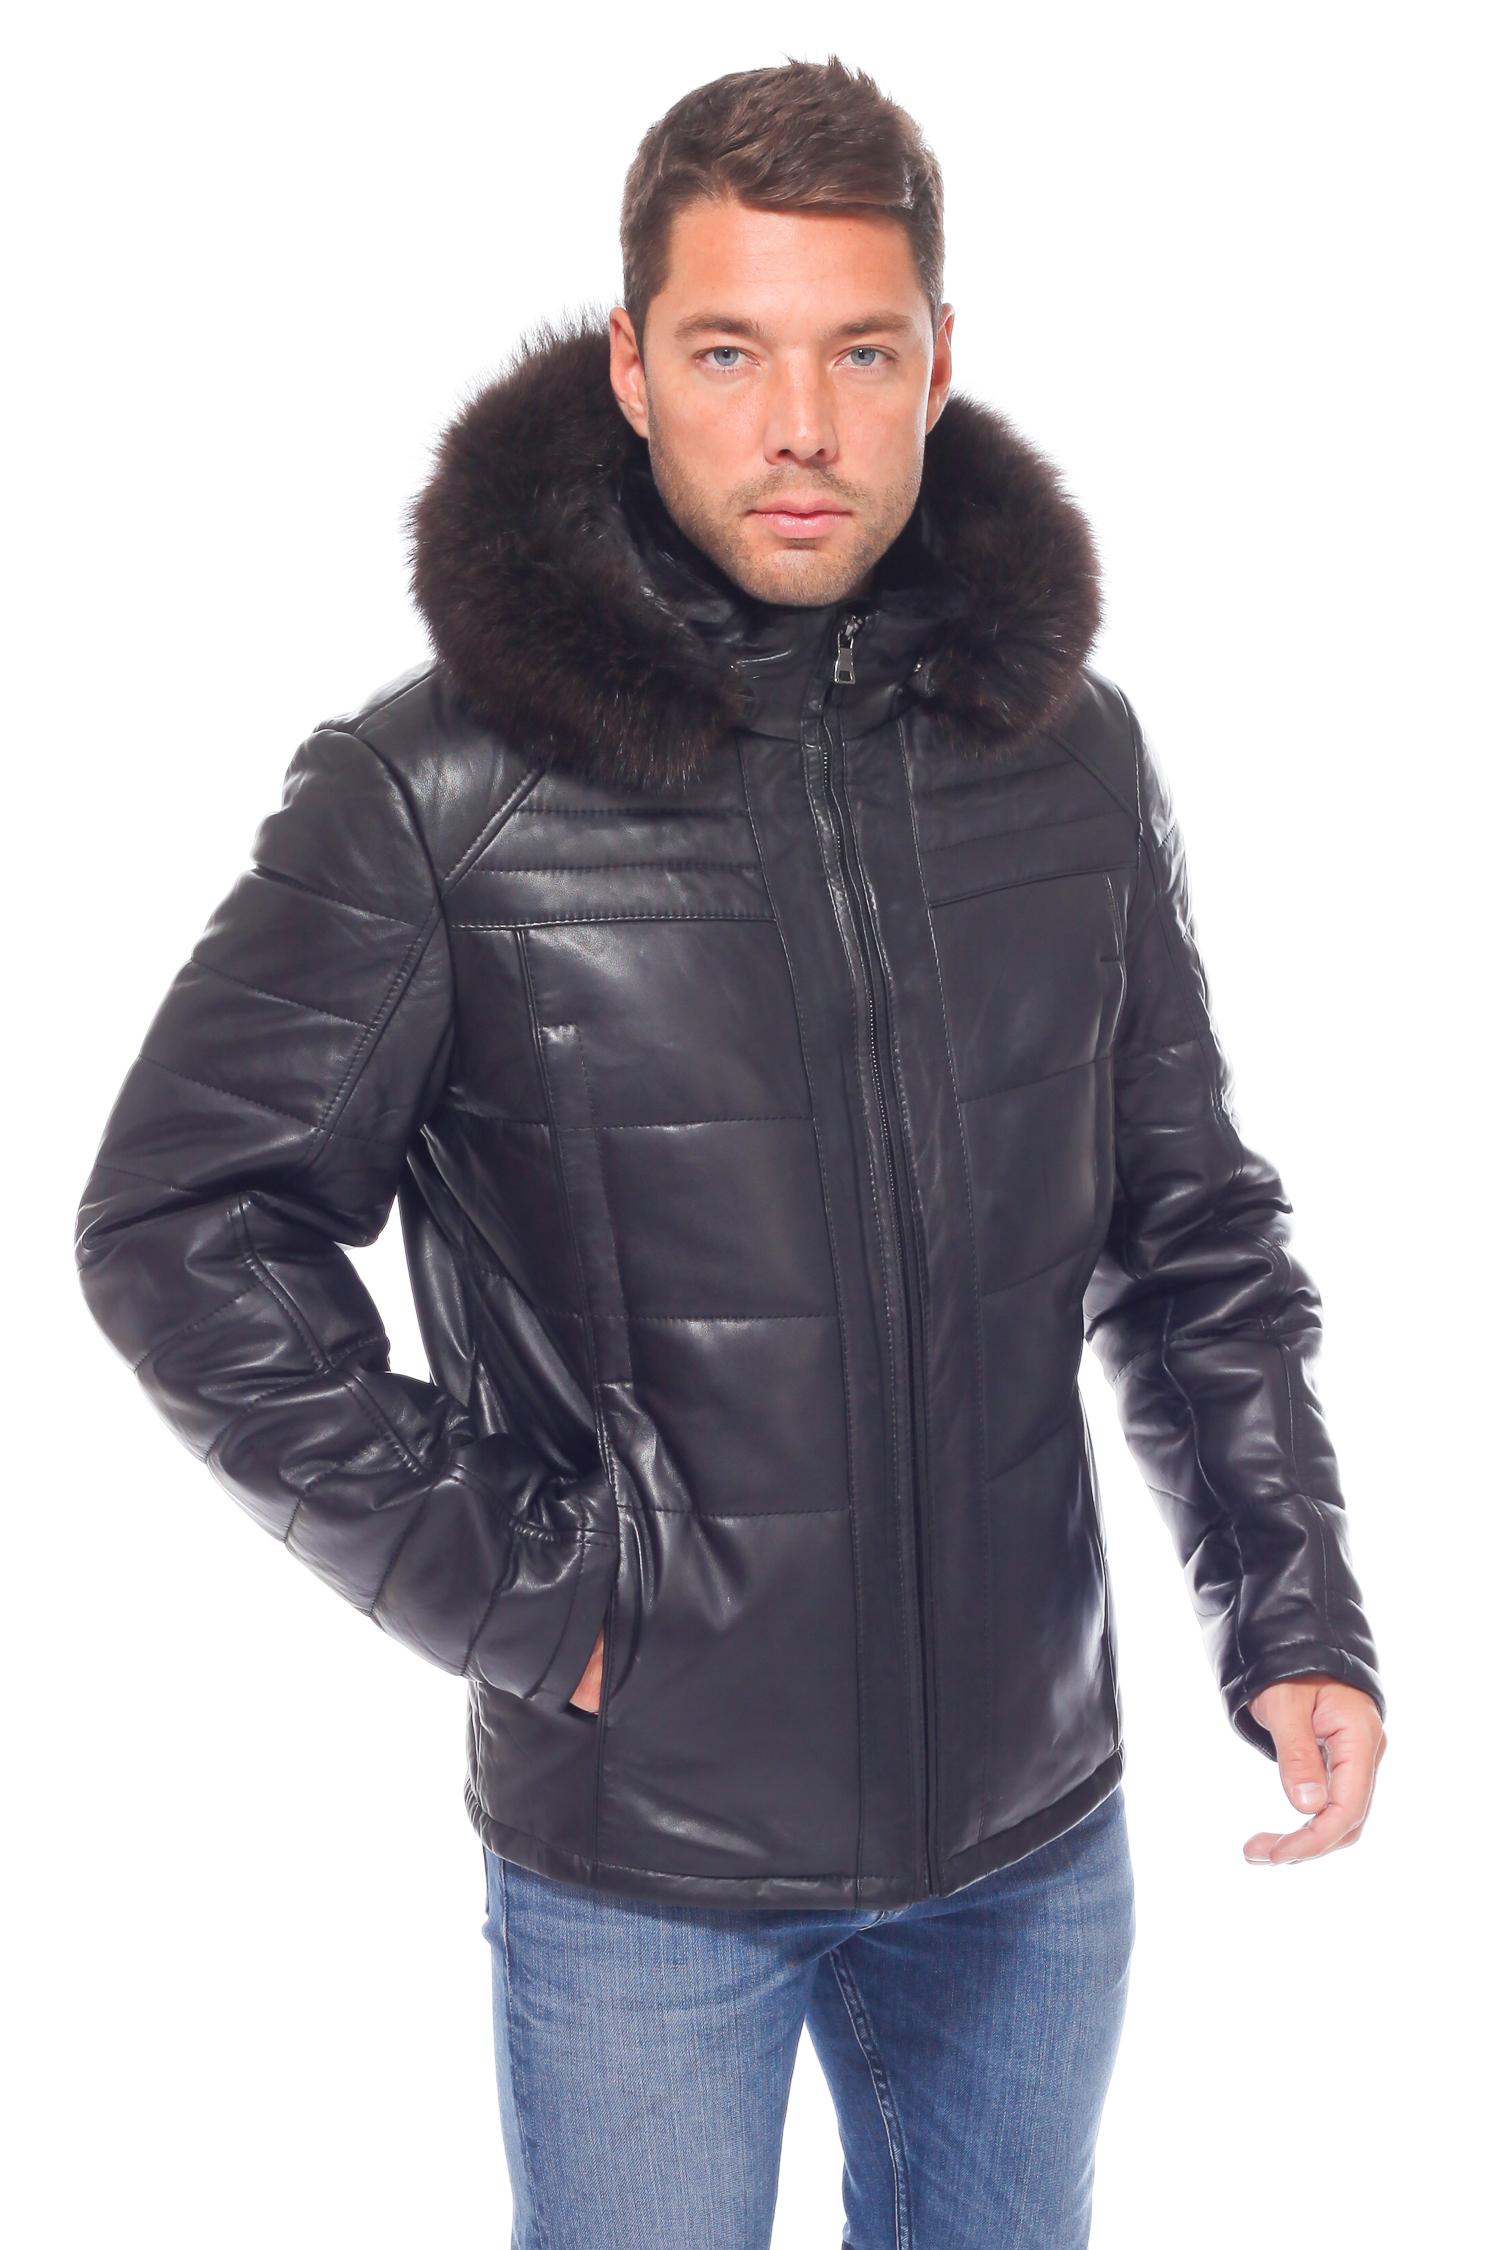 Пуховик мужской из натуральной кожи с капюшоном, отделка енотЦвет - угольно-черный.<br><br>Пуховик изготовлен из высококачественной натуральной кожи. Отделка - натуральный мех енота. Утеплитель - материал нового поколения-тинсулэйт.<br><br>Очень теплый, удобный пуховик станет незаменимым вариантом одежды для любой зимней погоды. Благодаря натуральным материалам пуховик обладает отличными теплоизоляционными качествами, не промокает под дождем или мокрым снегом и очень легко чистится. Пуховик не деформируется и не мнется. Для улучшения качеств верхней одежды материал обработан водооталкивающей пропиткой. Пуховик застегивается на молнию, а капюшон крепится на кнопки. При желании Вы легко можете отсоединить капюшон, при этом воротник может быть отложным или стойкой. В отделке воротника используется натуральная овчина, которая согревает в непогоду и является очень стильным декоративным элементом. В качестве украшения пуховика используется декоративная прострочка. Оптимальная длина изделия позволит комфортно чувствовать себя за рулем автомобиля и в общественном транспорте.<br><br>Кожаный пуховик - превосходный выбор активного современного мужчины!<br><br>Воротник: капюшон<br>Длина см: Короткая (51-74 )<br>Материал: Кожа овчина<br>Цвет: черный<br>Вид застежки: центральная<br>Застежка: на молнии<br>Пол: Мужской<br>Размер RU: 60